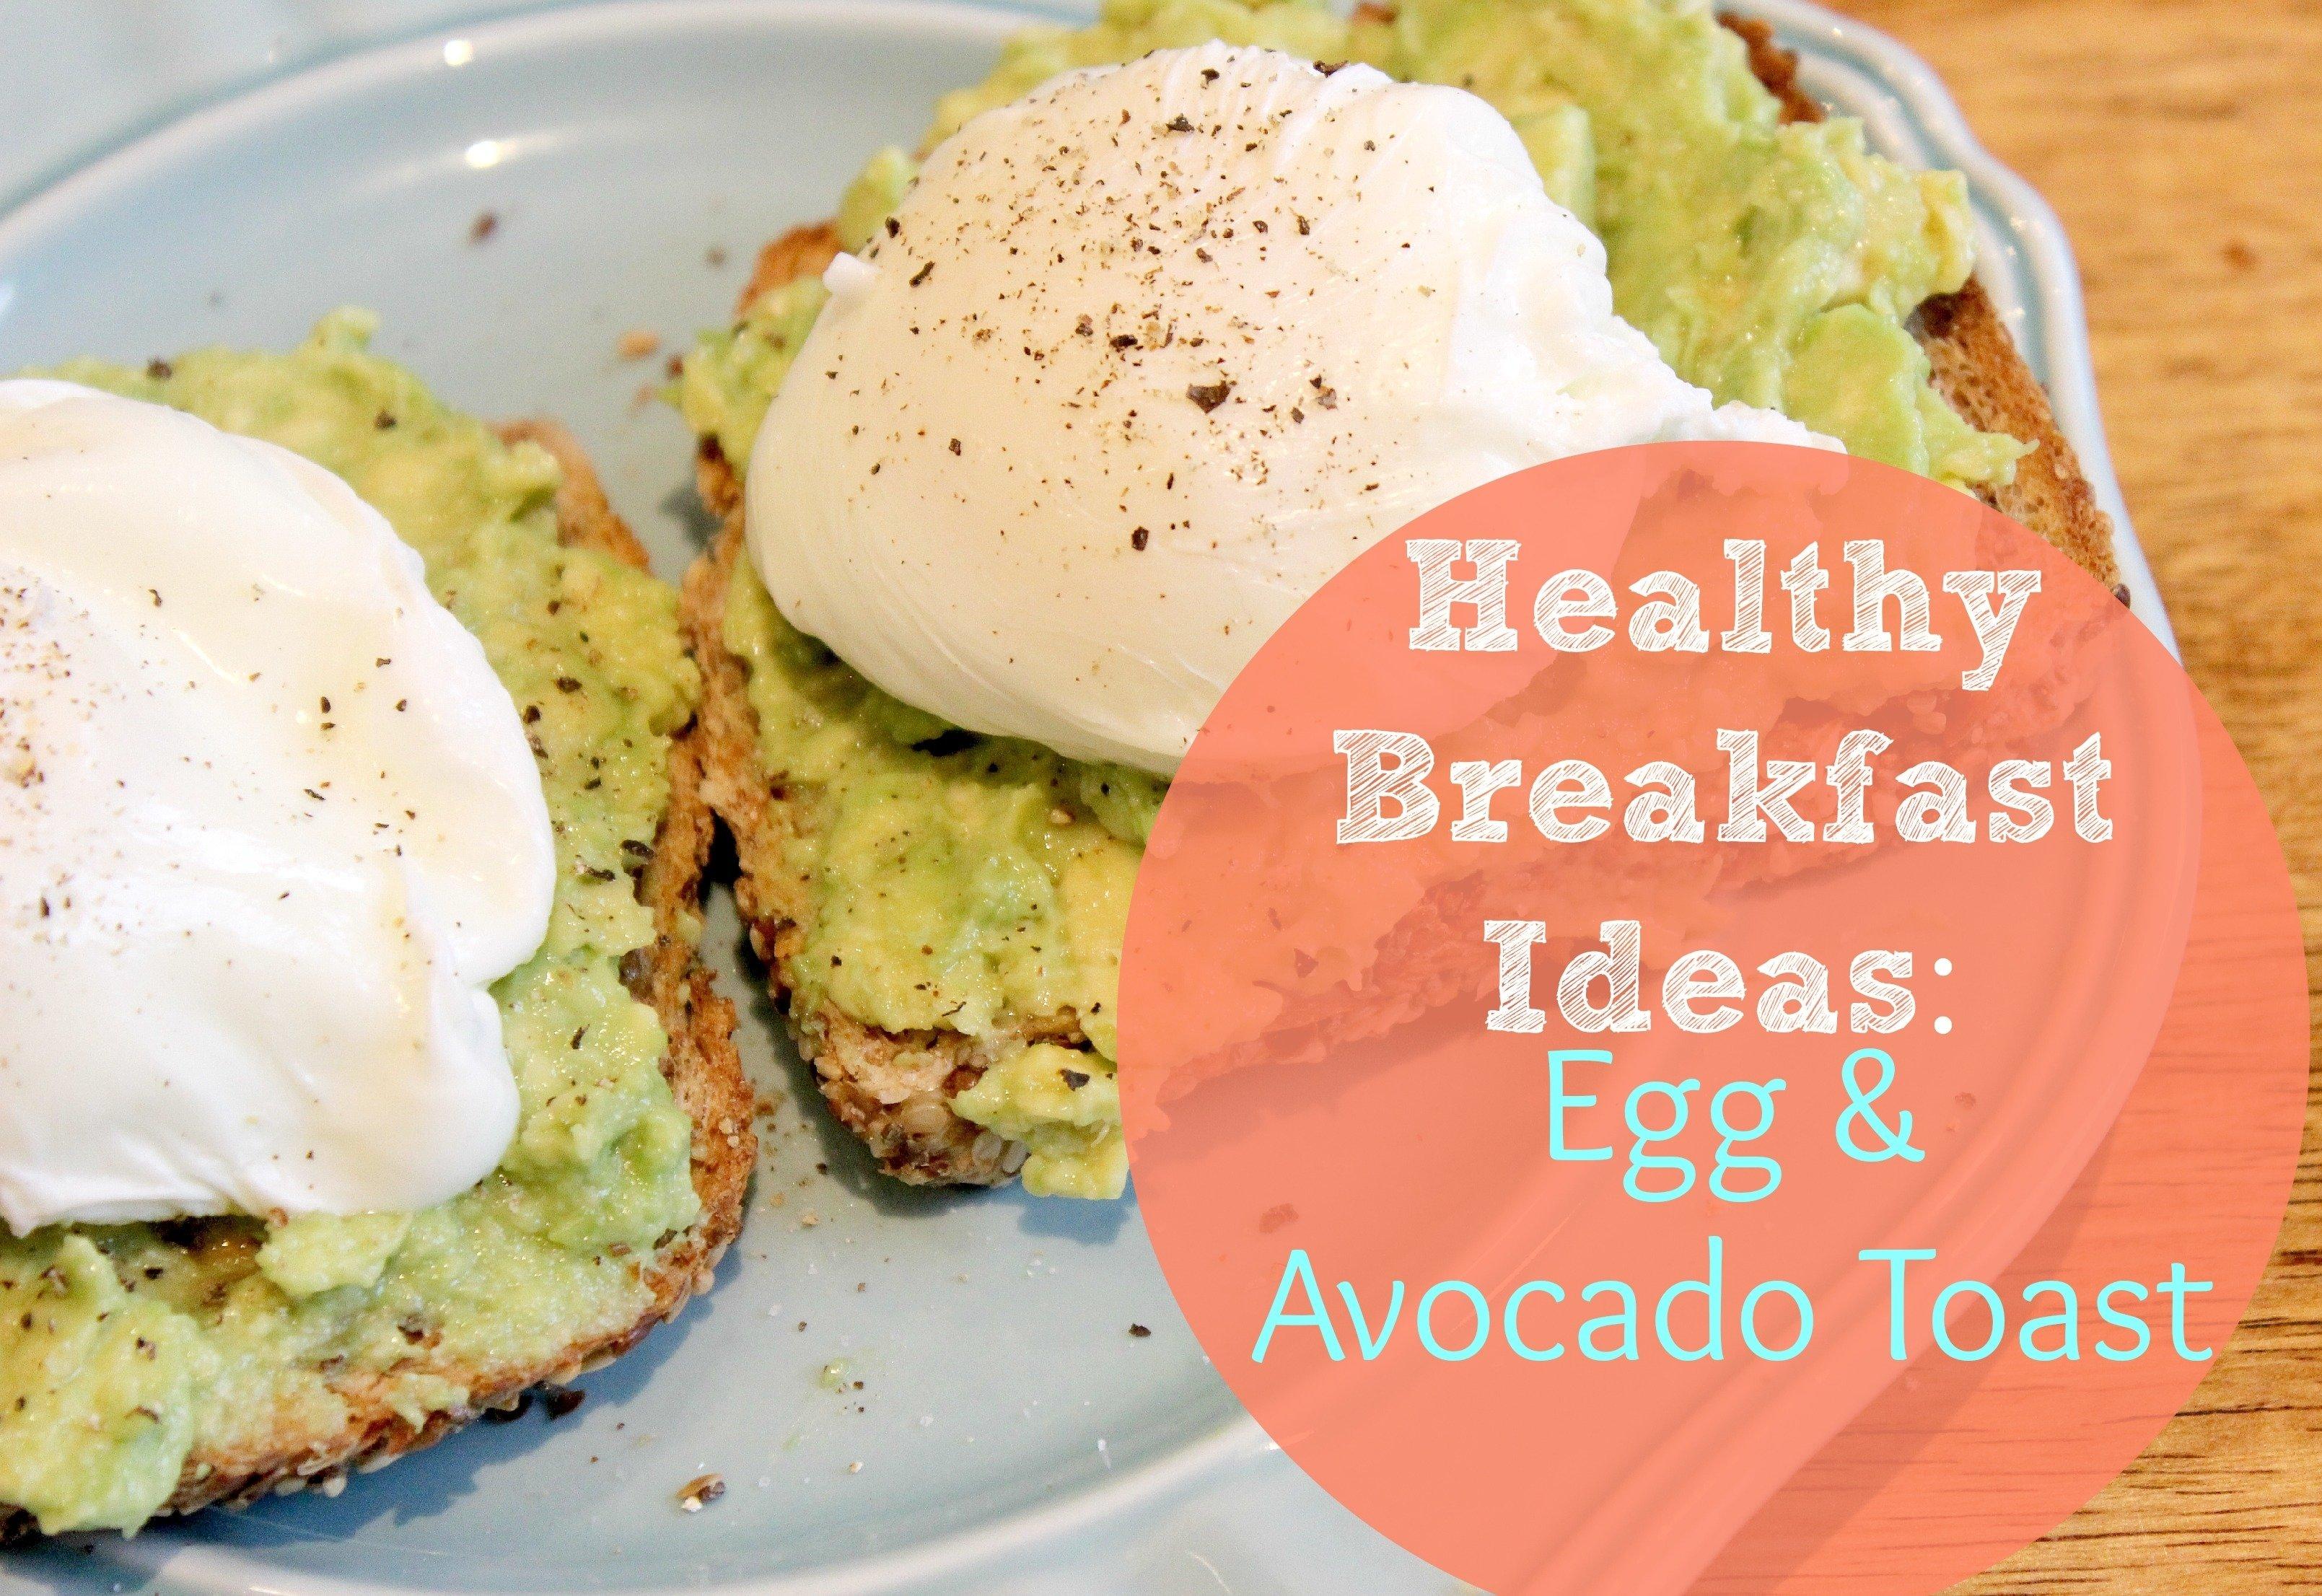 healthy breakfast recipes | avocado & egg toast